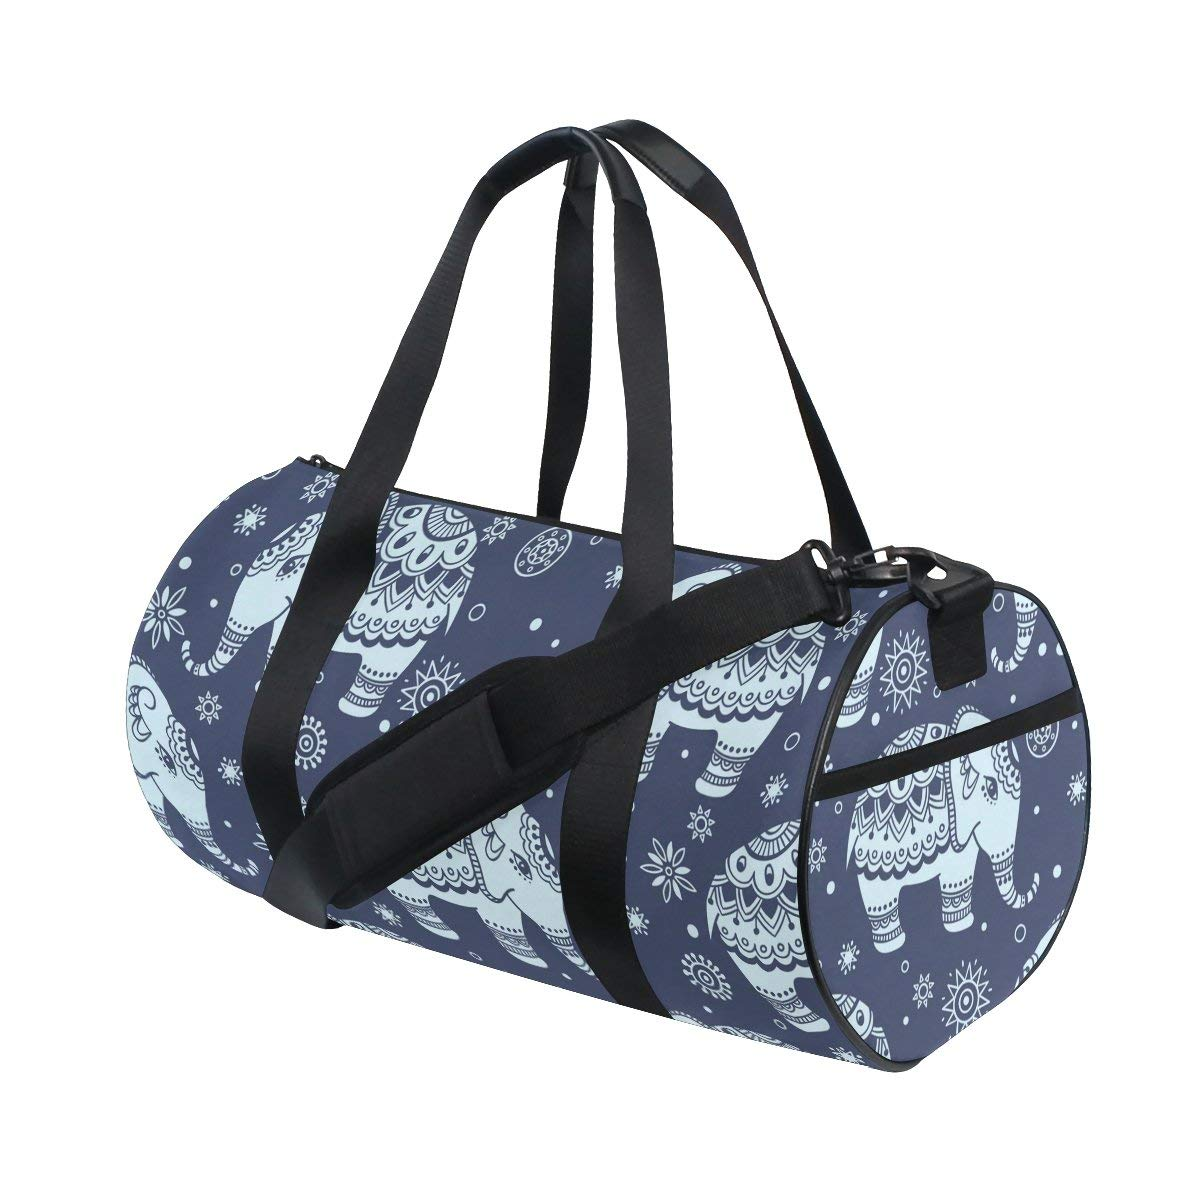 10890c8b6c19 Cheap Retro Gym Bag, find Retro Gym Bag deals on line at Alibaba.com